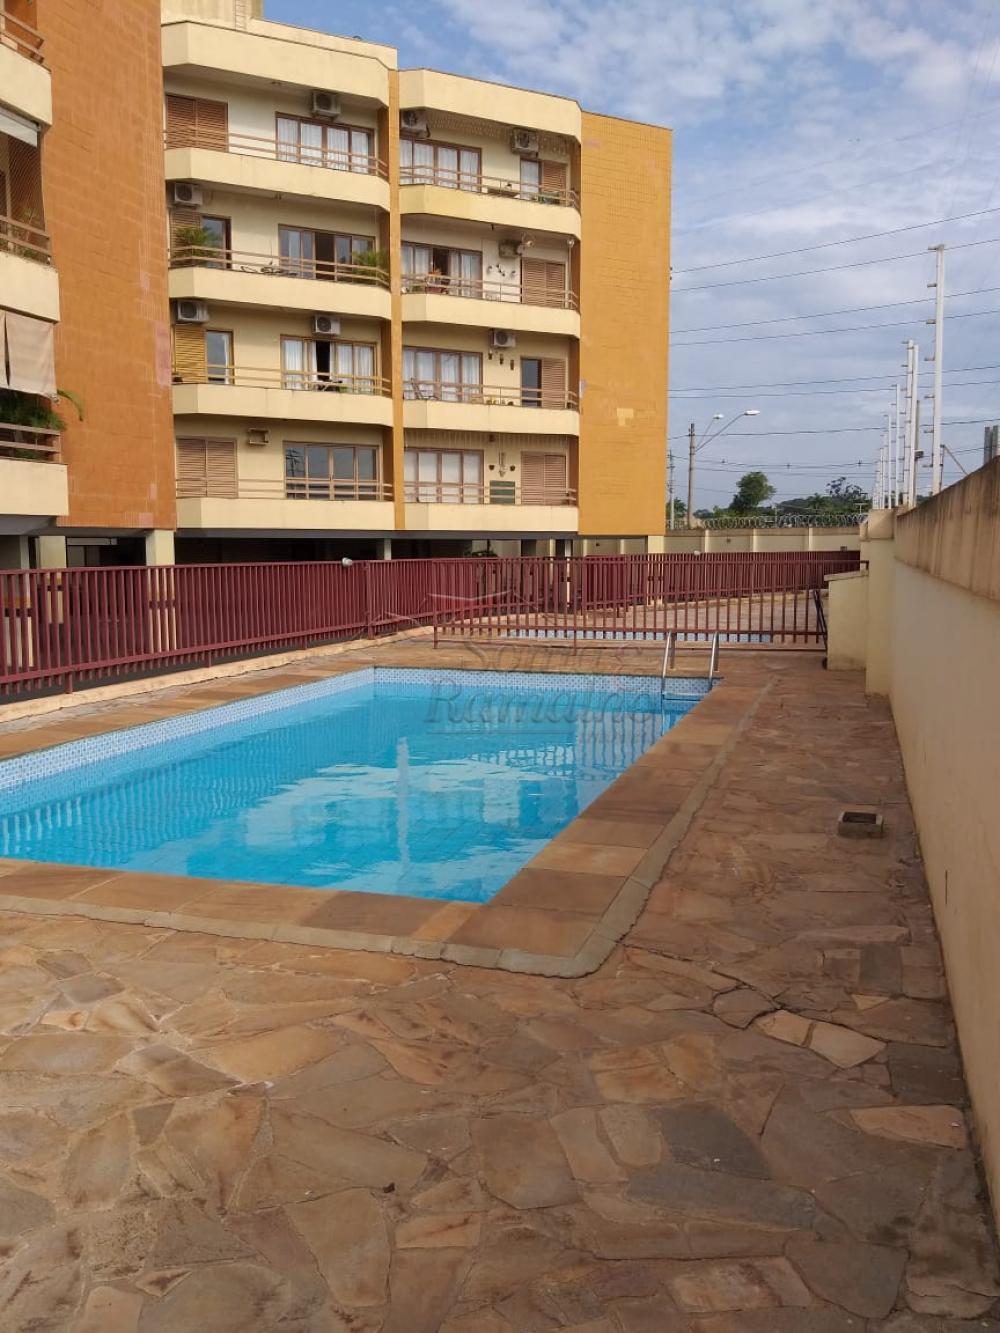 Comprar Apartamentos / Padrão em Ribeirão Preto apenas R$ 196.000,00 - Foto 1